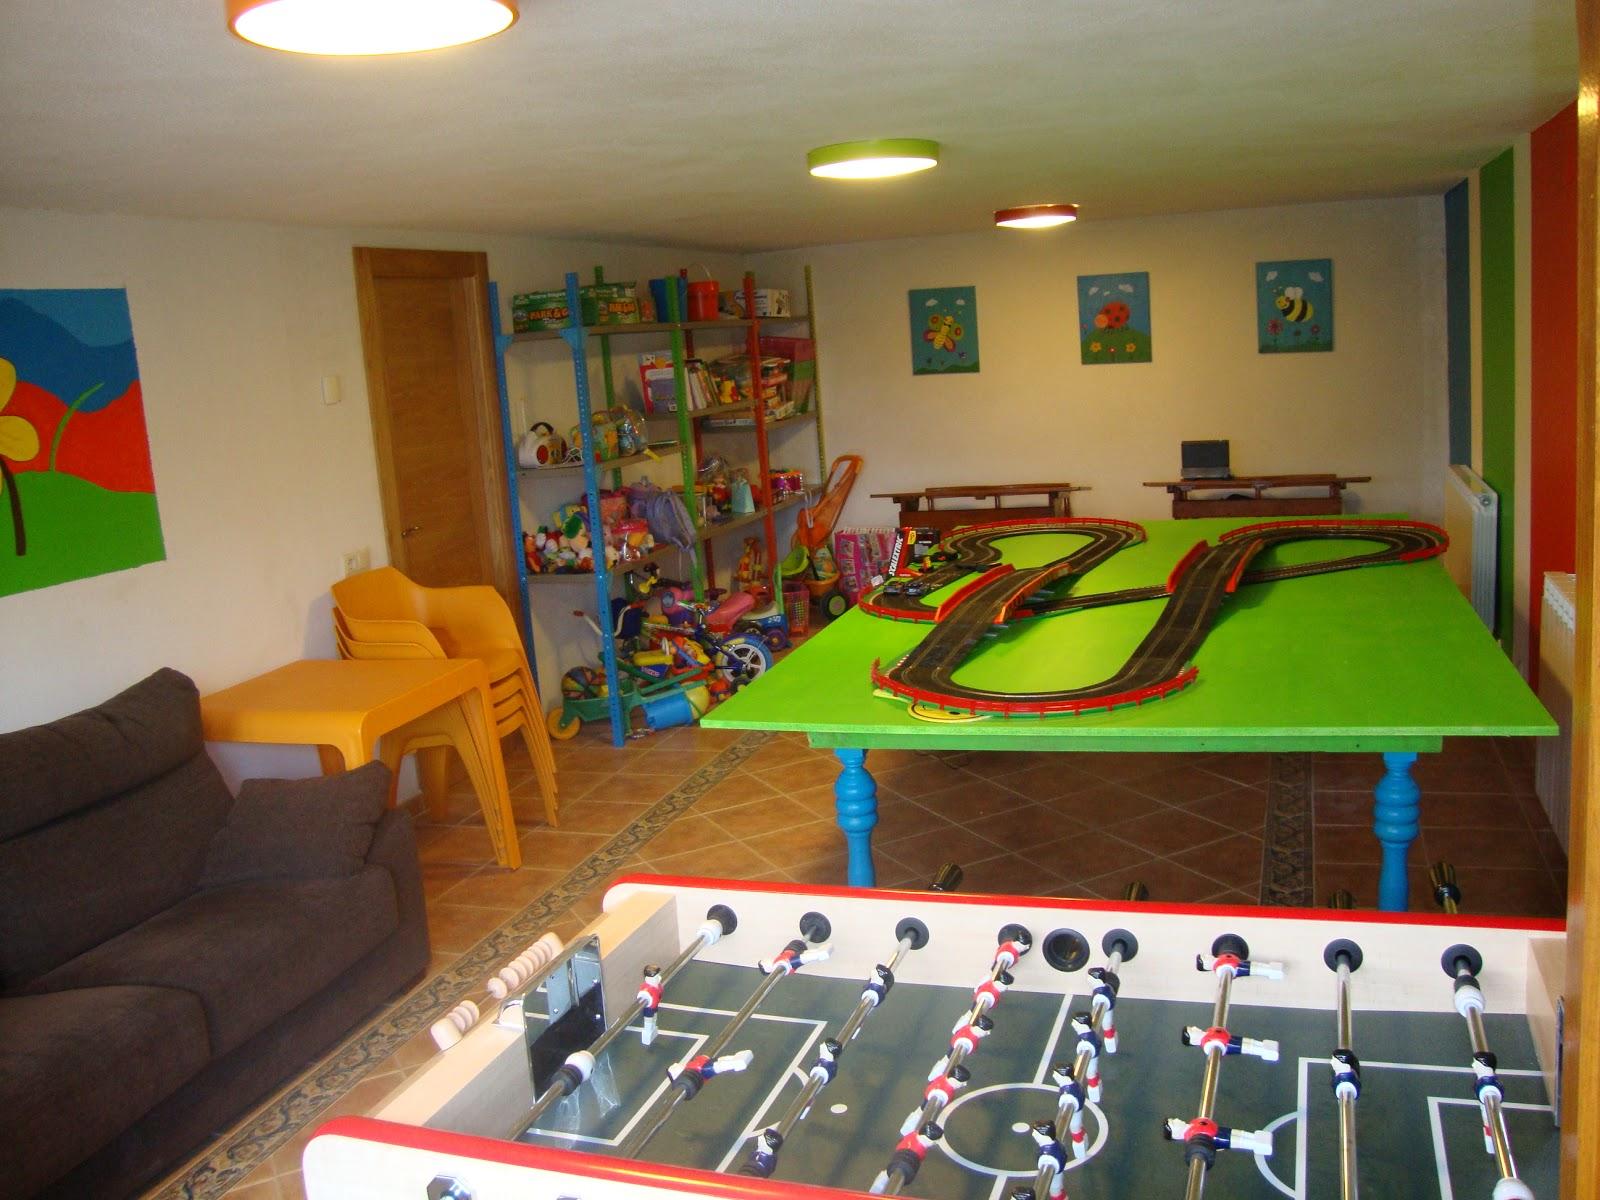 Turismo rural en navarra pierdete en casa rural - Casas de juego para ninos ...